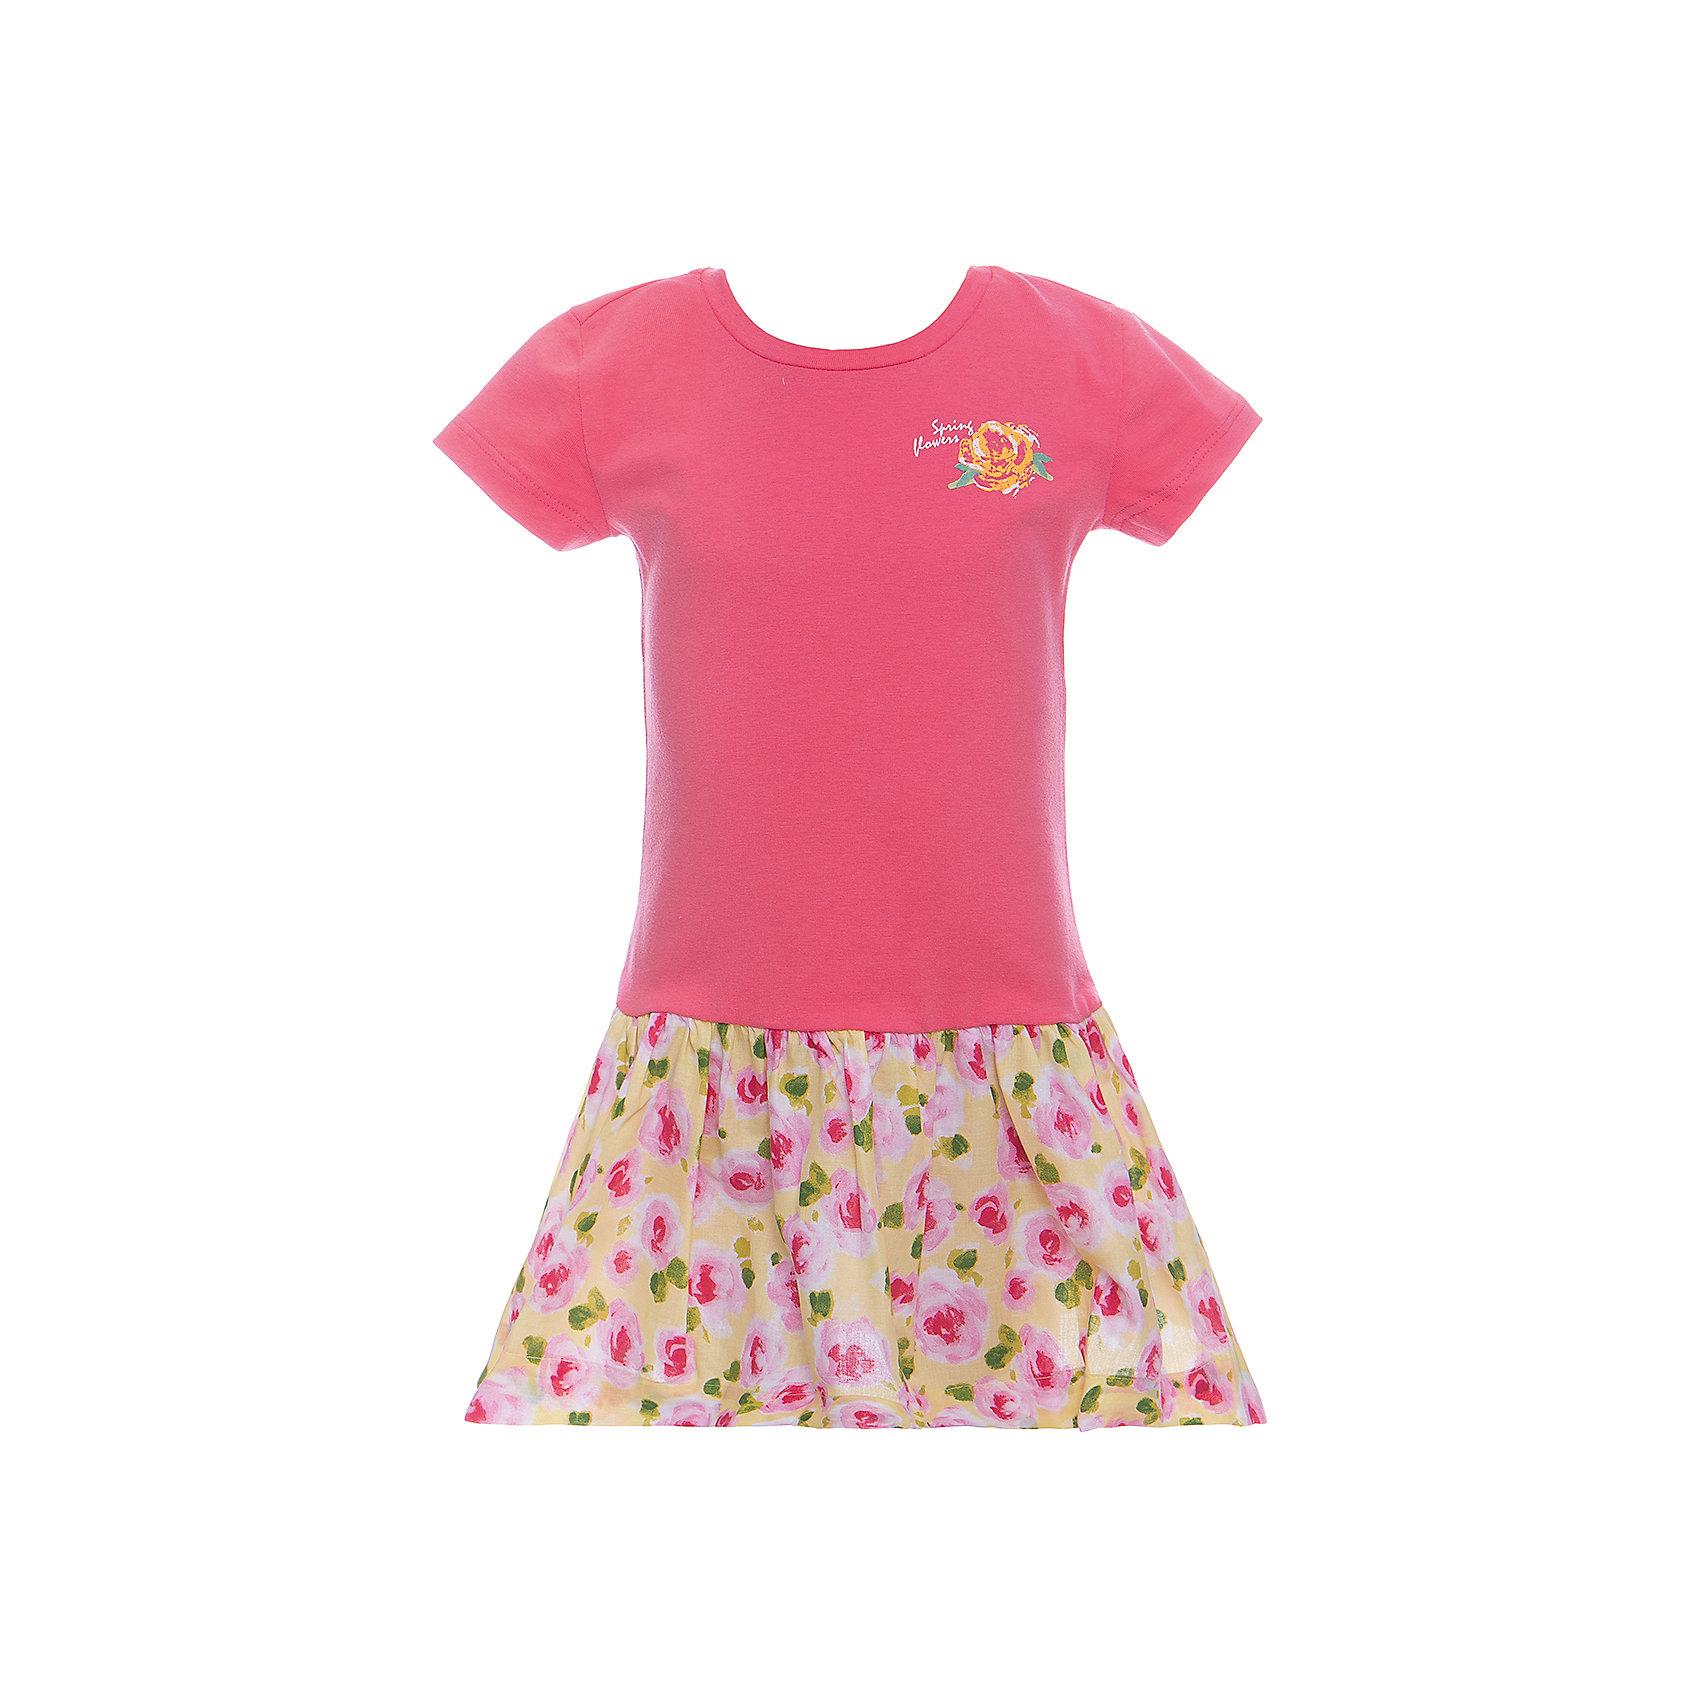 Платье для девочки WojcikПлатья и сарафаны<br>Характеристики товара:<br><br>• цвет: розовый<br>• состав ткани: хлопок 92%, эластан 8%<br>• комбинированный материал<br>• сезон: лето<br>• короткие рукава<br>• страна бренда: Польша<br>• страна изготовитель: Польша<br><br>Яркое платье для девочки Wojcik - удобная и модная одежда для теплого времени года. Польская одежда для детей от бренда Войчик - это качественные и стильные вещи.<br><br>Эта модель одежды для детей сделана из качественного материала с преобладание дышащего натурального хлопка в составе. Розовое платье для девочки Войчик отличается модным кроем с пышным подолом.<br><br>Платье для девочки Wojcik (Войчик) можно купить в нашем интернет-магазине.<br><br>Ширина мм: 236<br>Глубина мм: 16<br>Высота мм: 184<br>Вес г: 177<br>Цвет: светло-розовый<br>Возраст от месяцев: 84<br>Возраст до месяцев: 96<br>Пол: Женский<br>Возраст: Детский<br>Размер: 128,104,110,116,122<br>SKU: 5589629